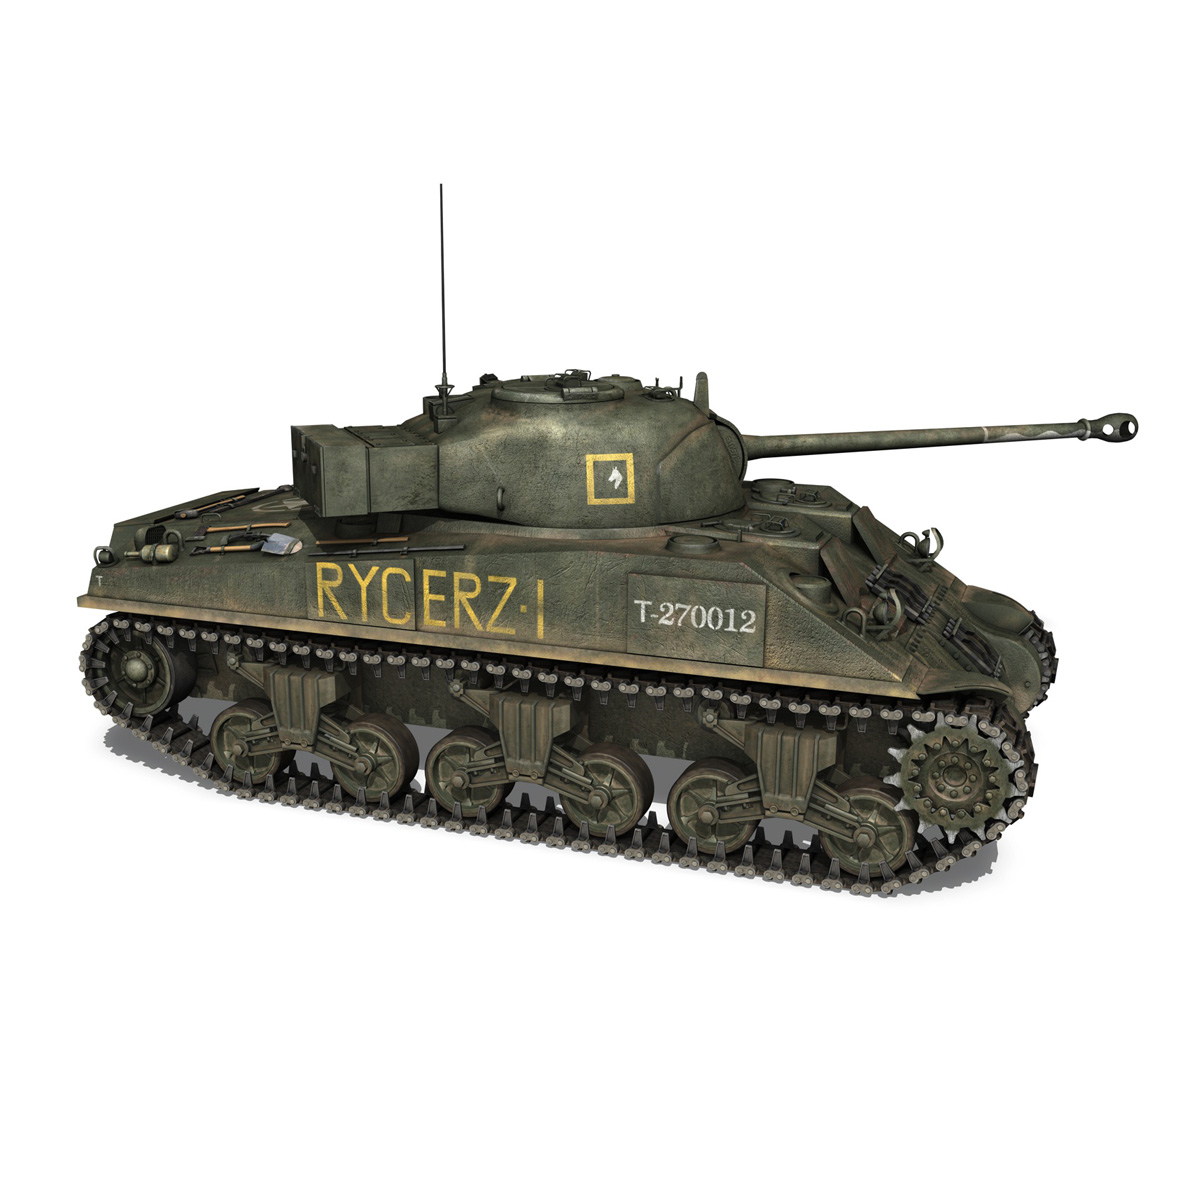 Sherman MK VC Firefly – Rycerz I